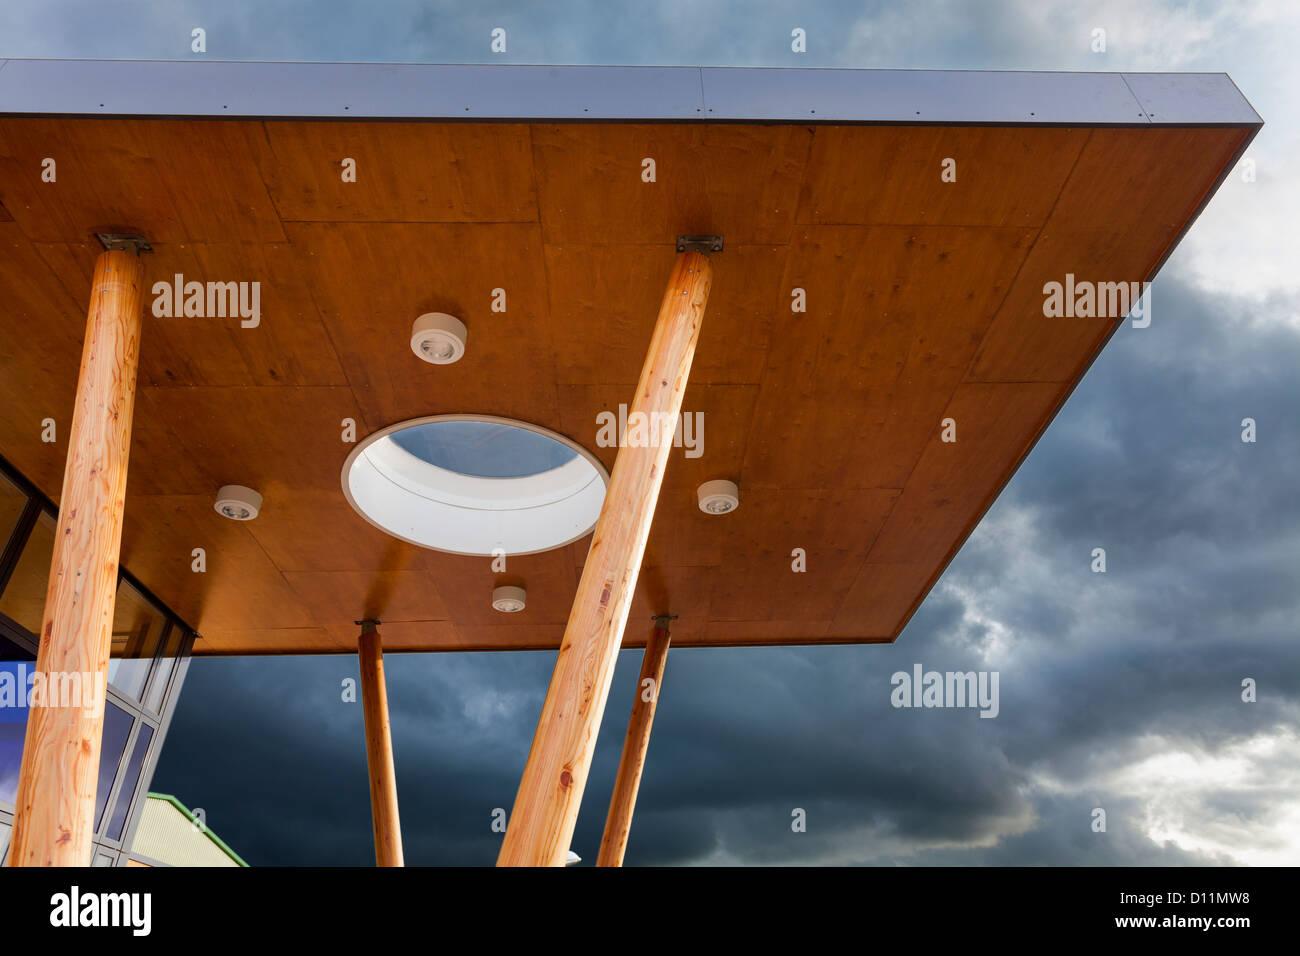 Architettura moderna cappottatura con colonne di legno contro il cielo. Immagini Stock